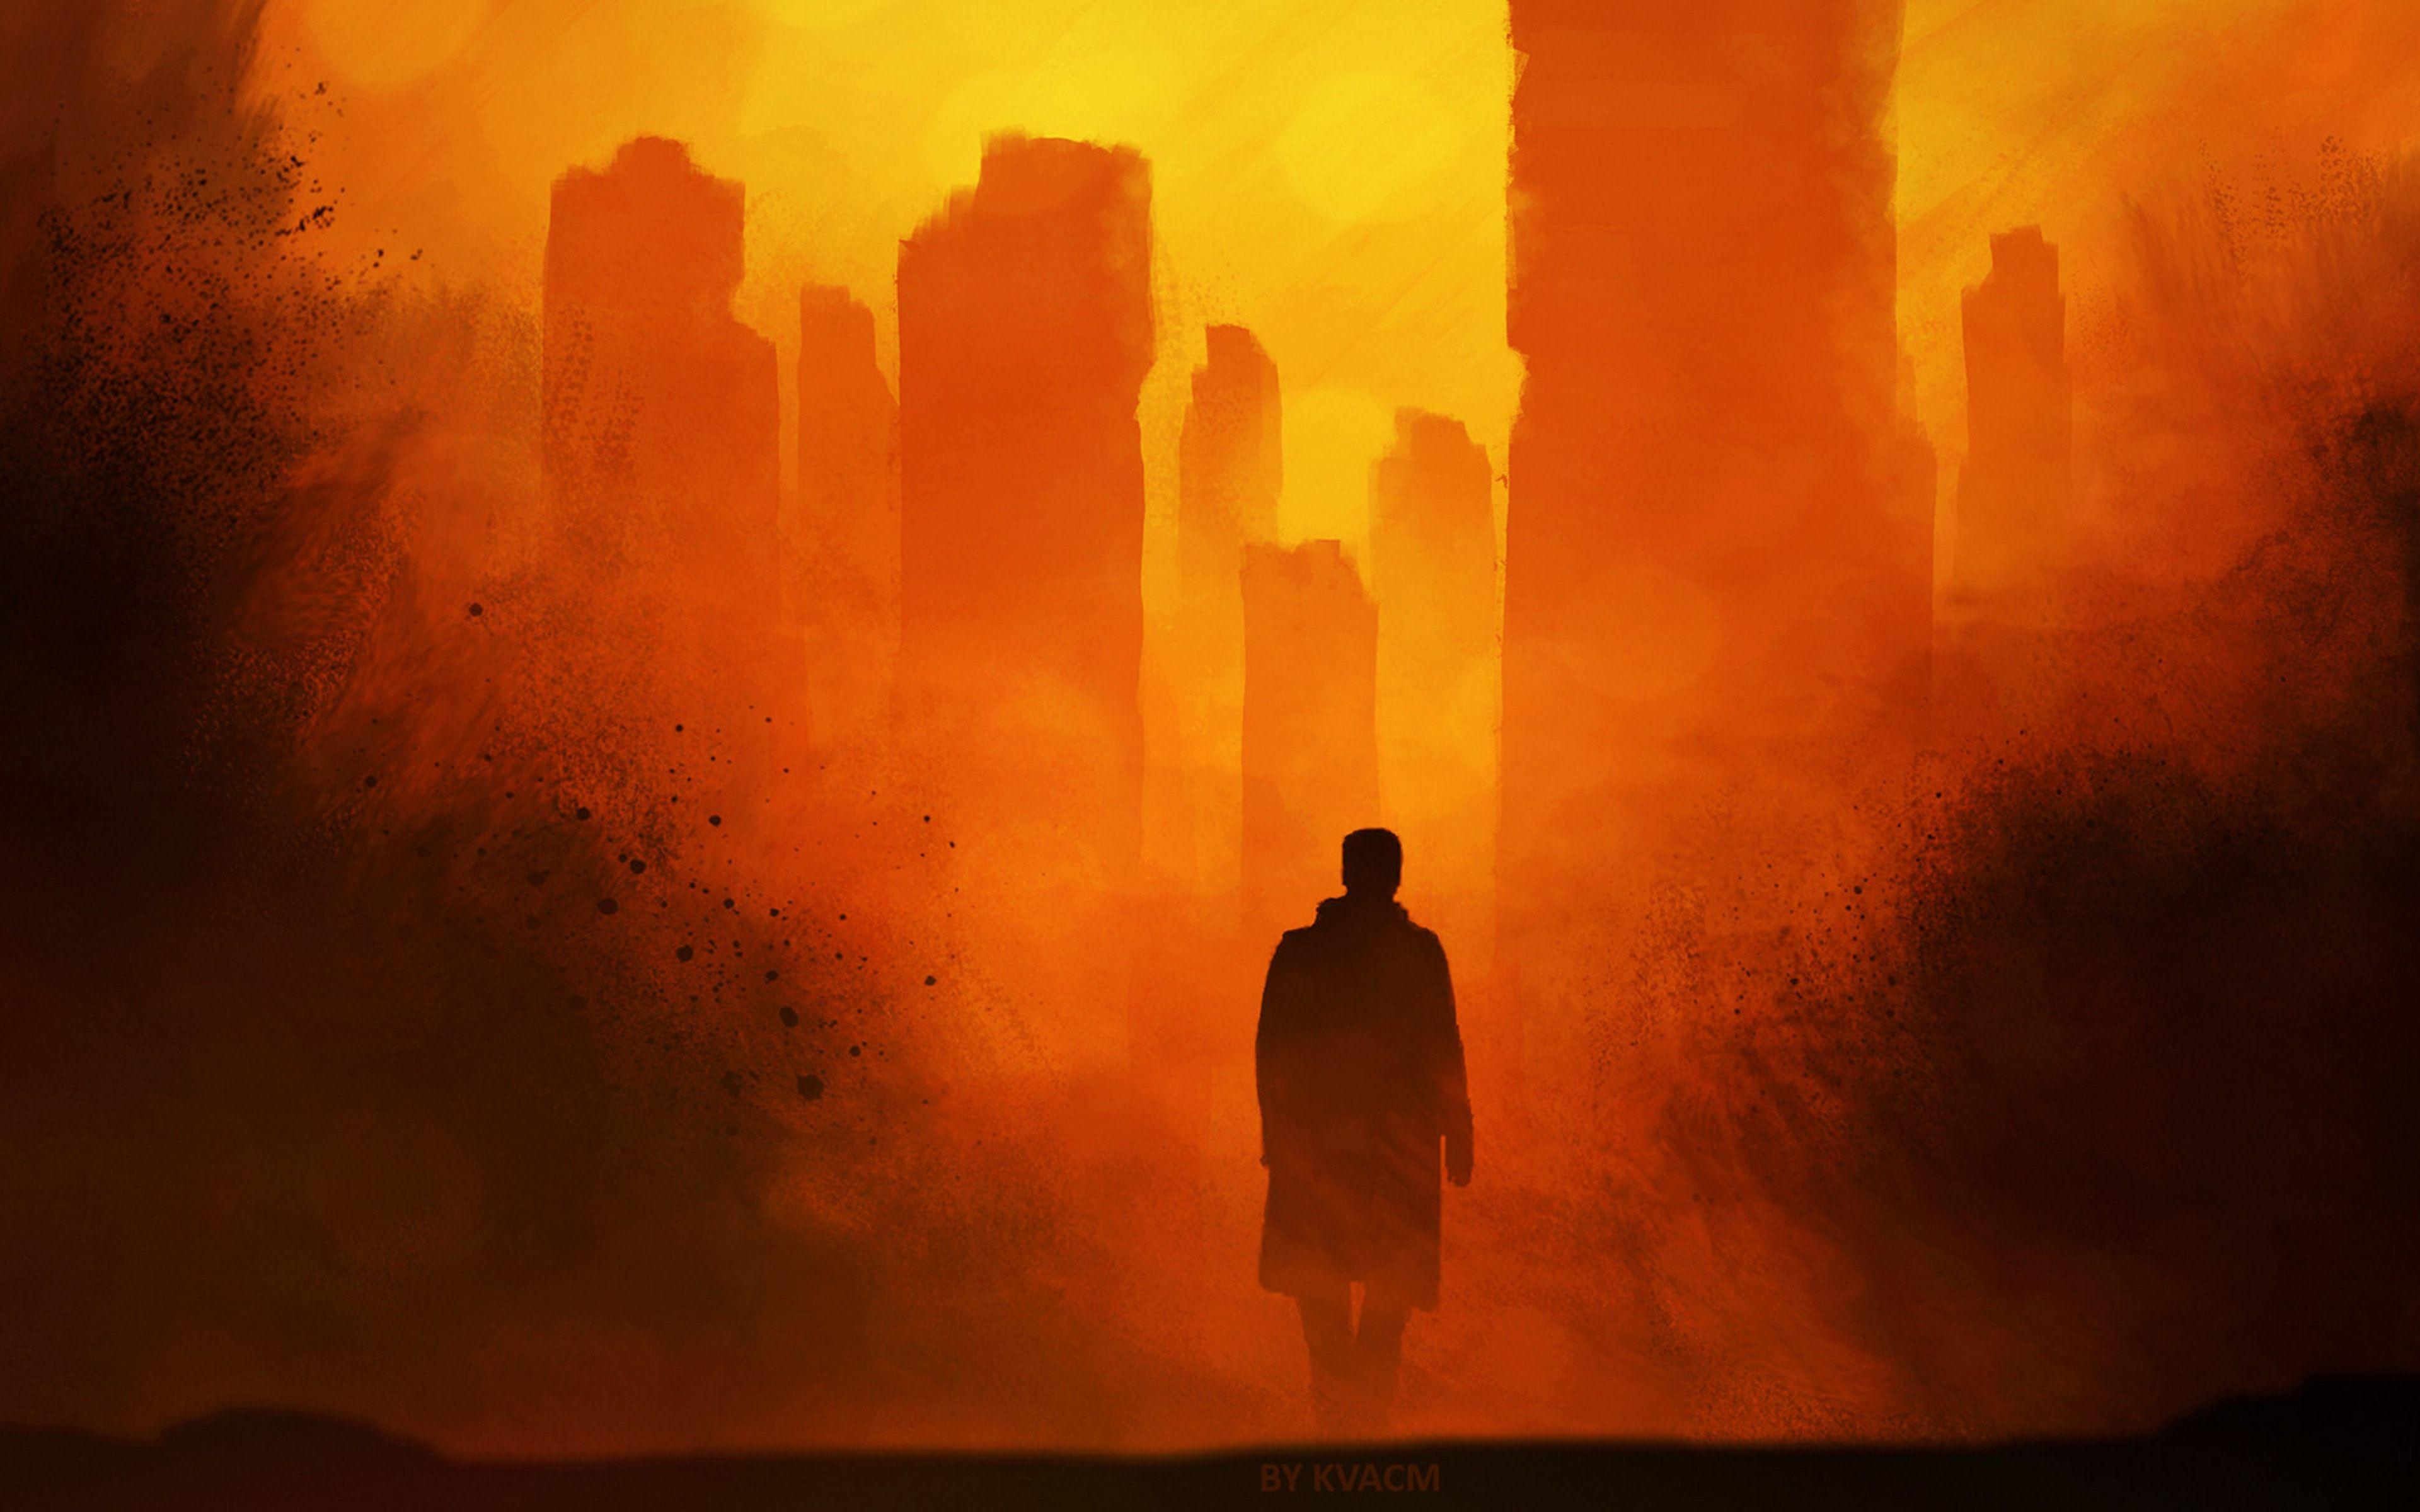 Desktophdwallpaper Org Blade Runner Wallpaper Blade Runner City Artwork